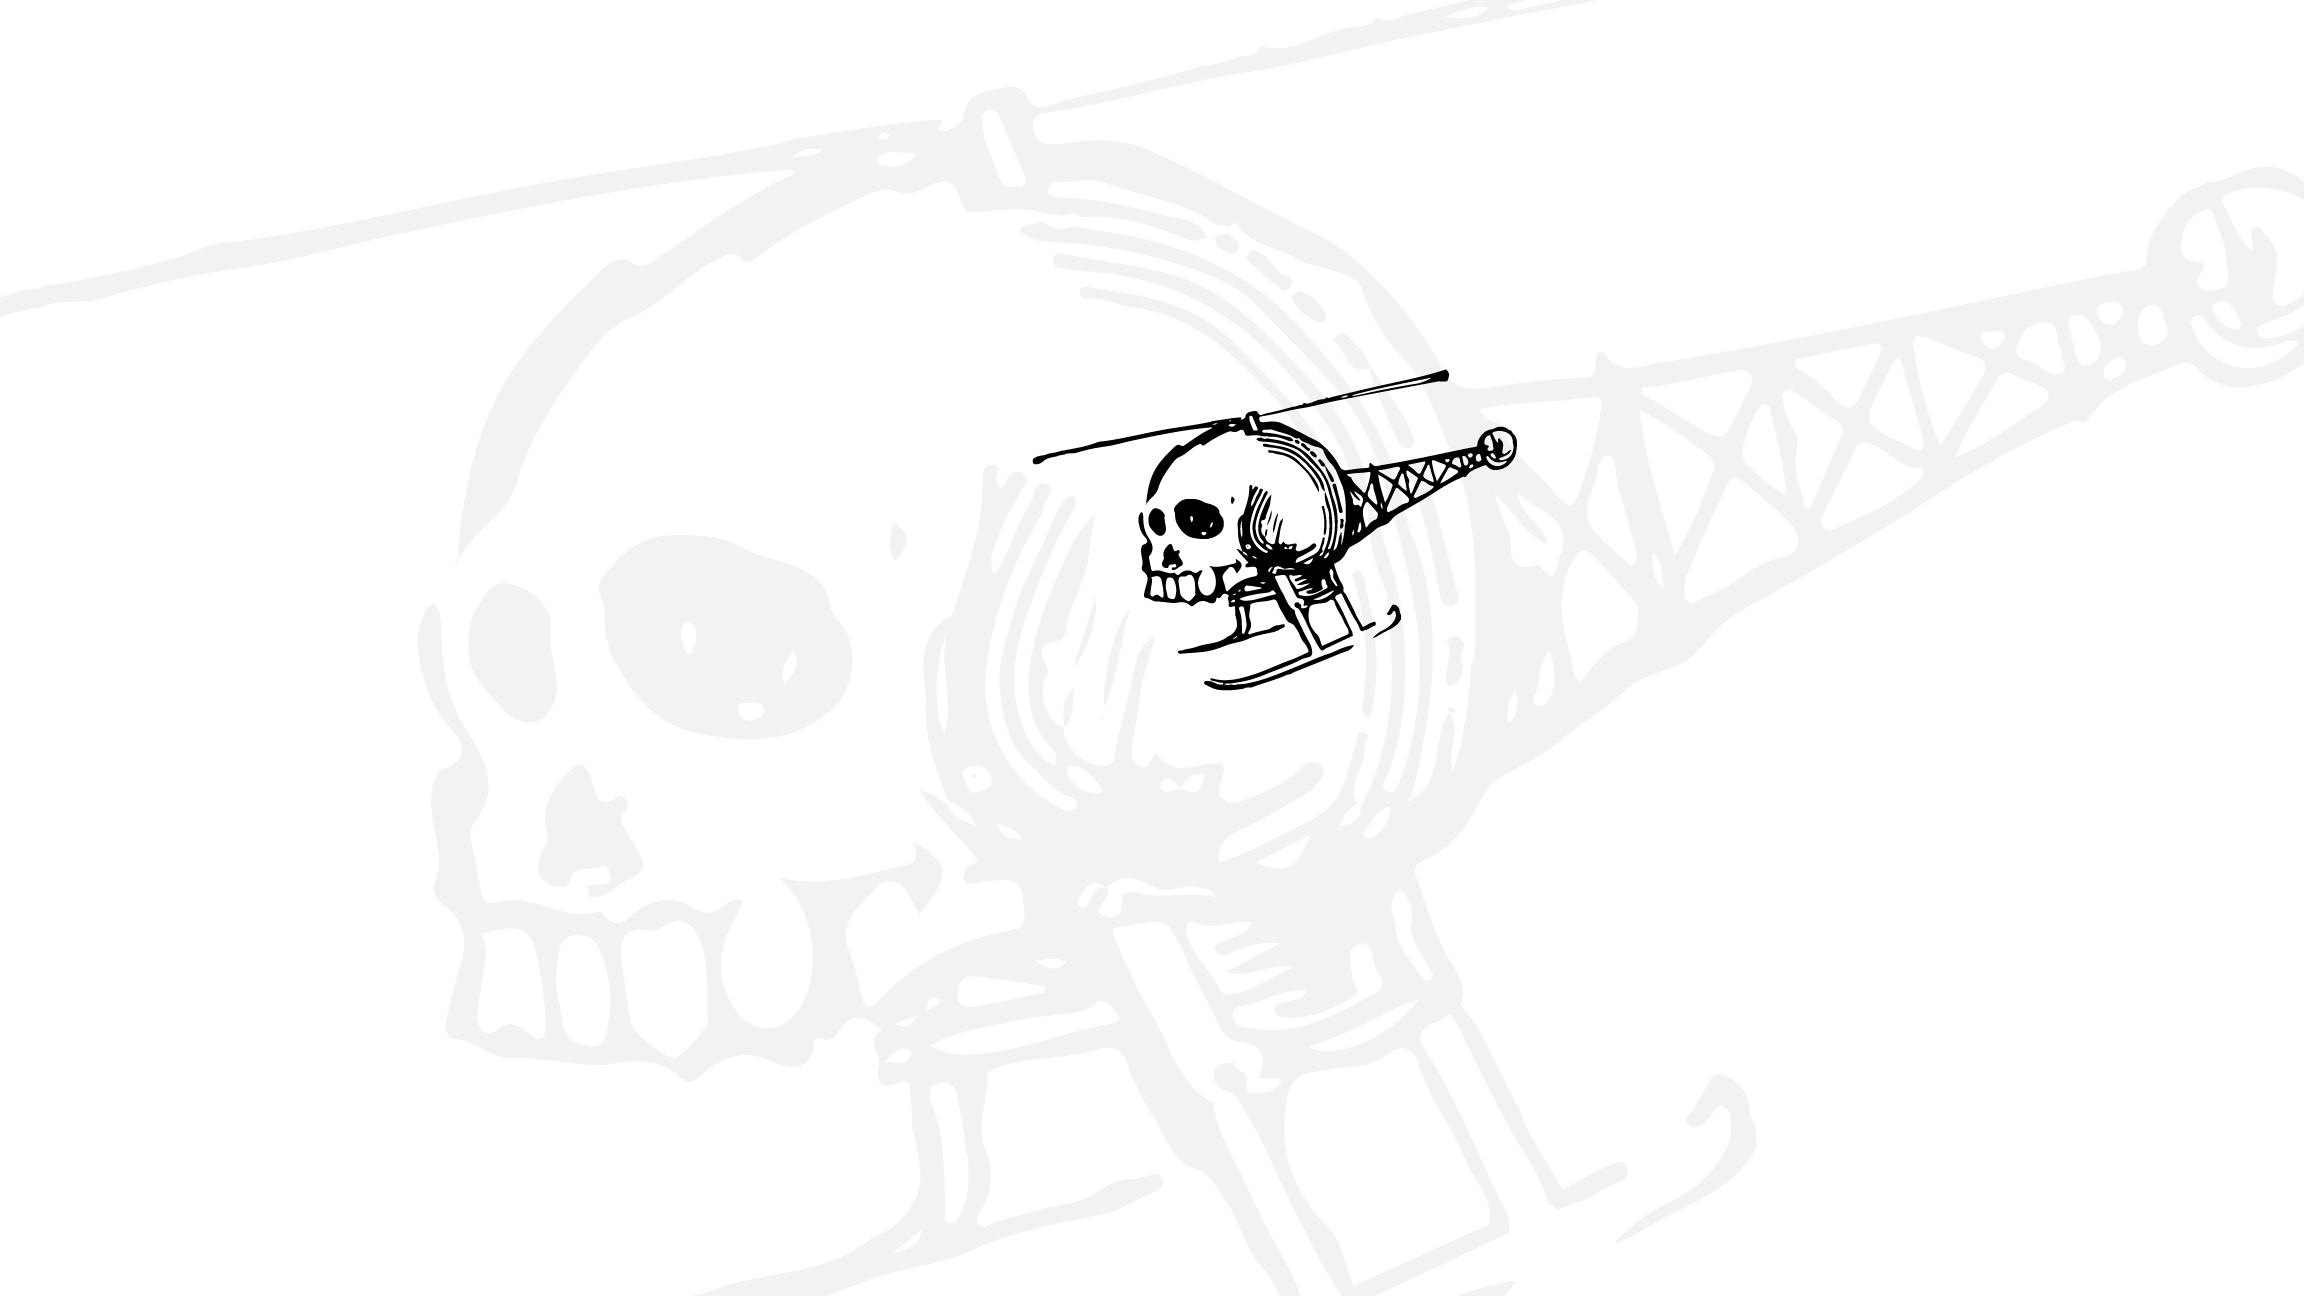 2_Logos.png